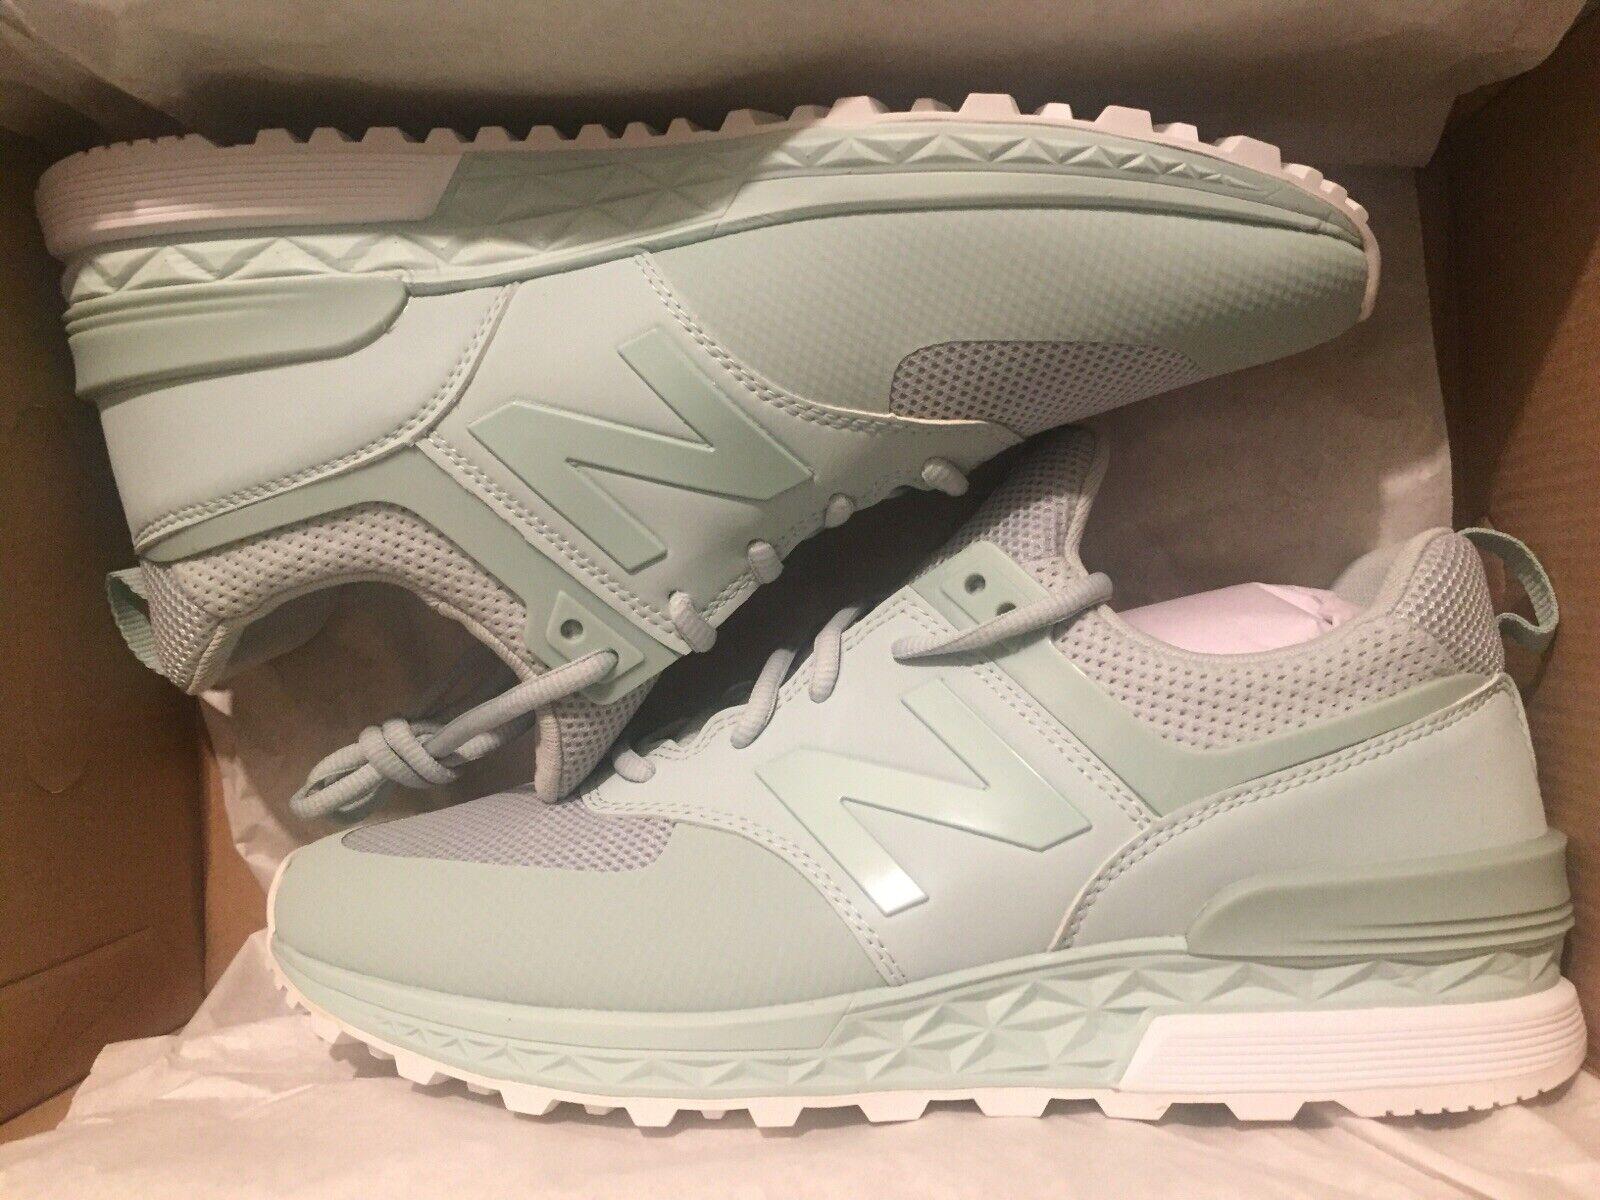 Salvataggio meditazione Allarmante  NIB In Box New Balance 574 Lifestyle Mint Green Men Size 9 Shoes Sneaker  MS574MT for sale online